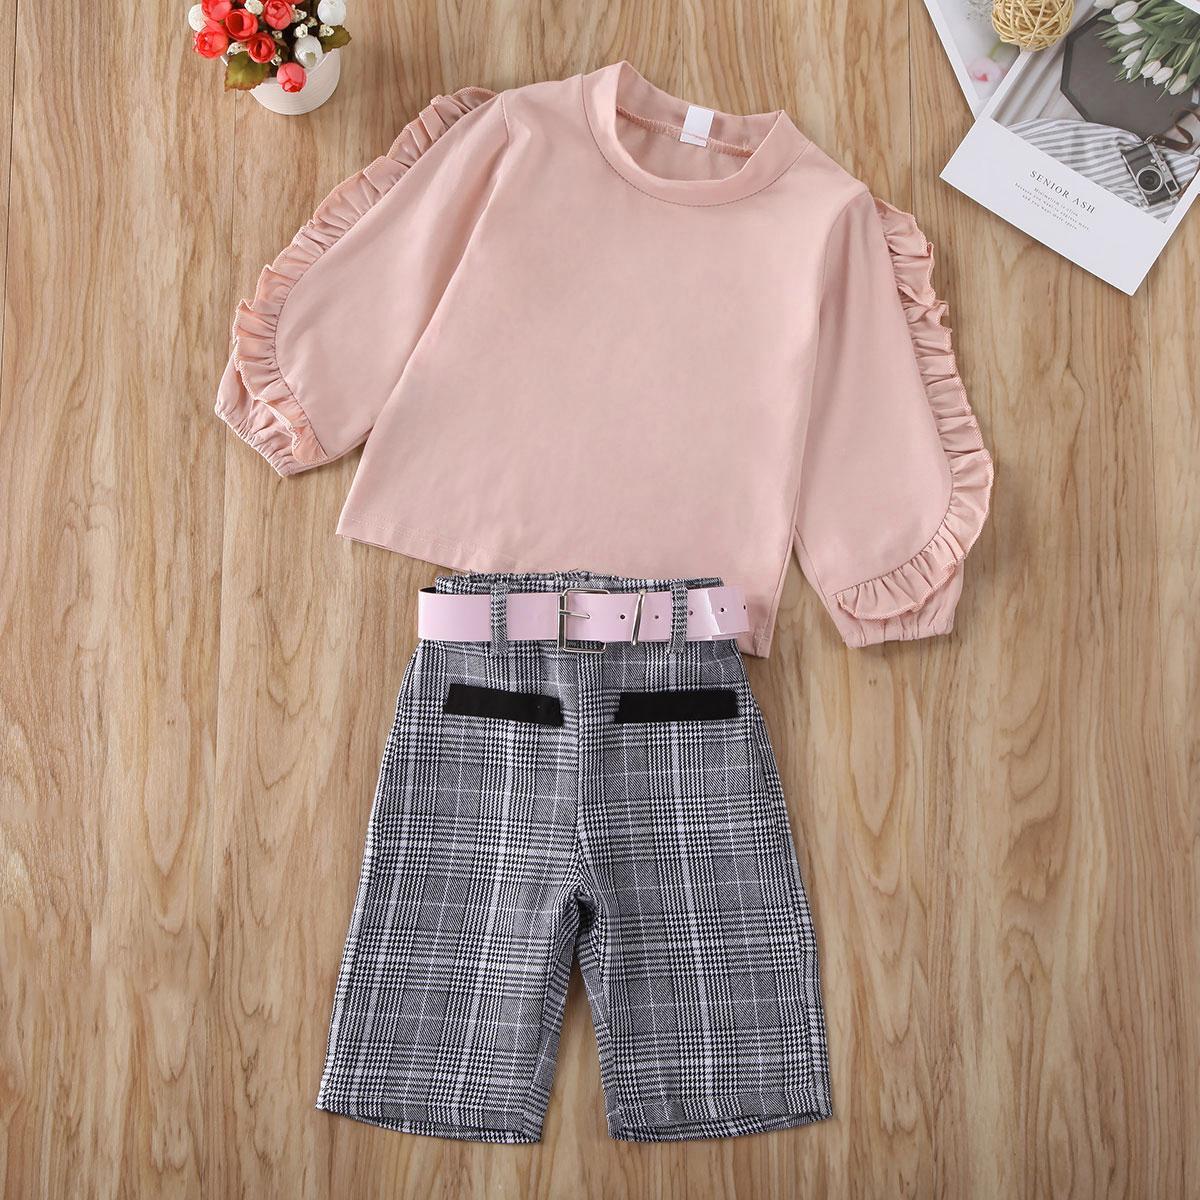 Pudcoco малышей Baby Girl Clothes Сплошной цвет с длинным рукавом рябить Топы Пледы Короткие штаны ремень 2шт Outfit Хлопок Одежда Set